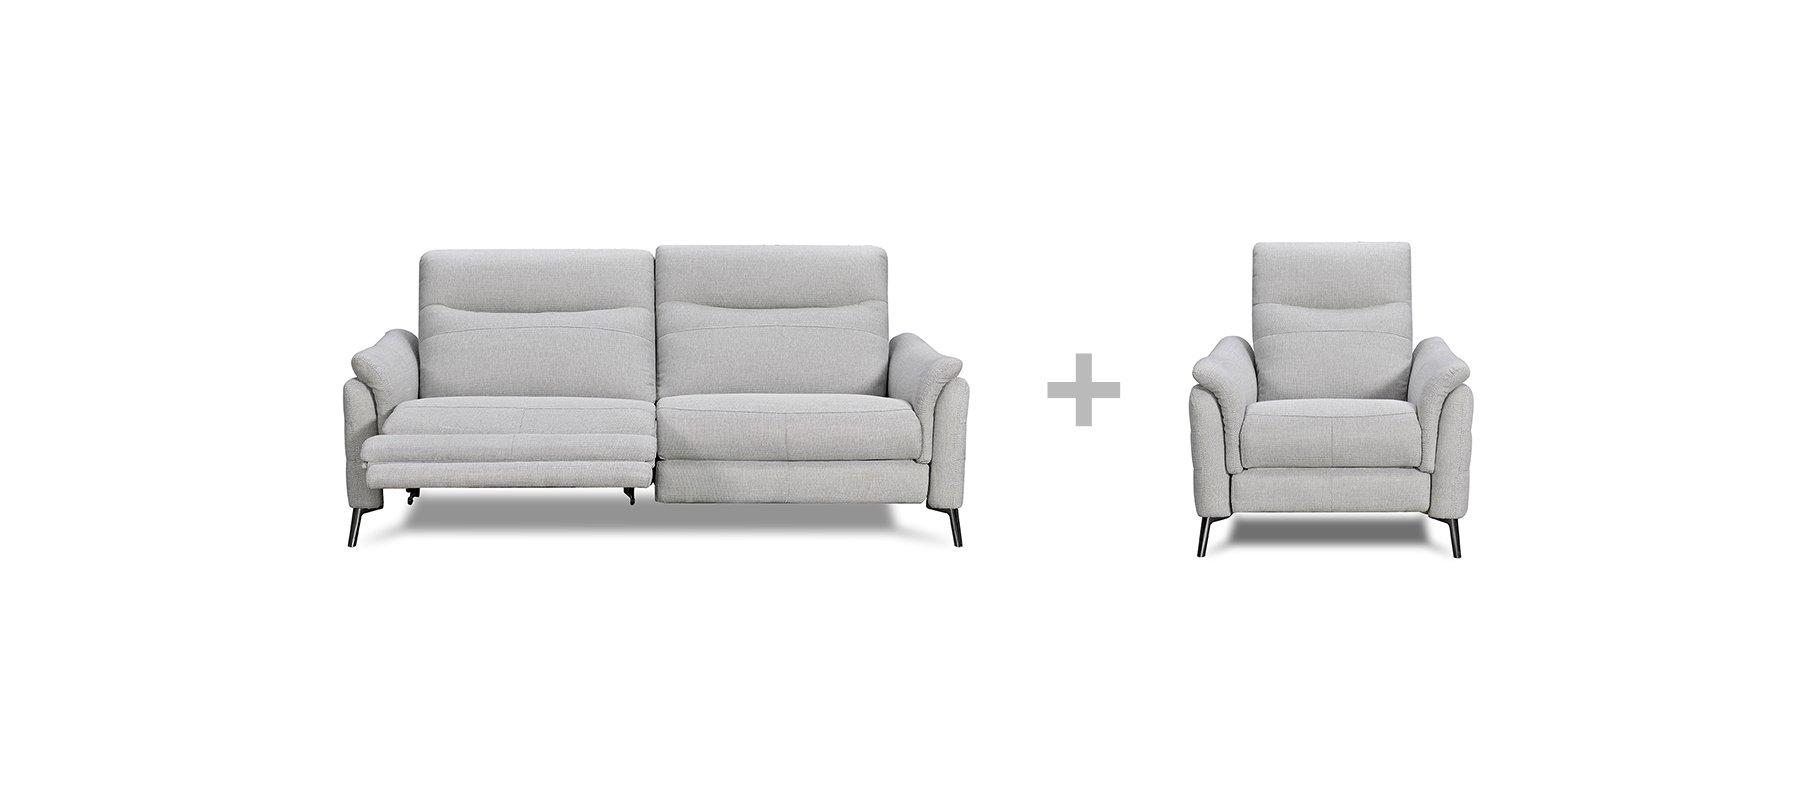 Canapé relax 3 places électrique + fauteuil relax 1 place électrique pas chers JENNY - Largeur max 289 cm